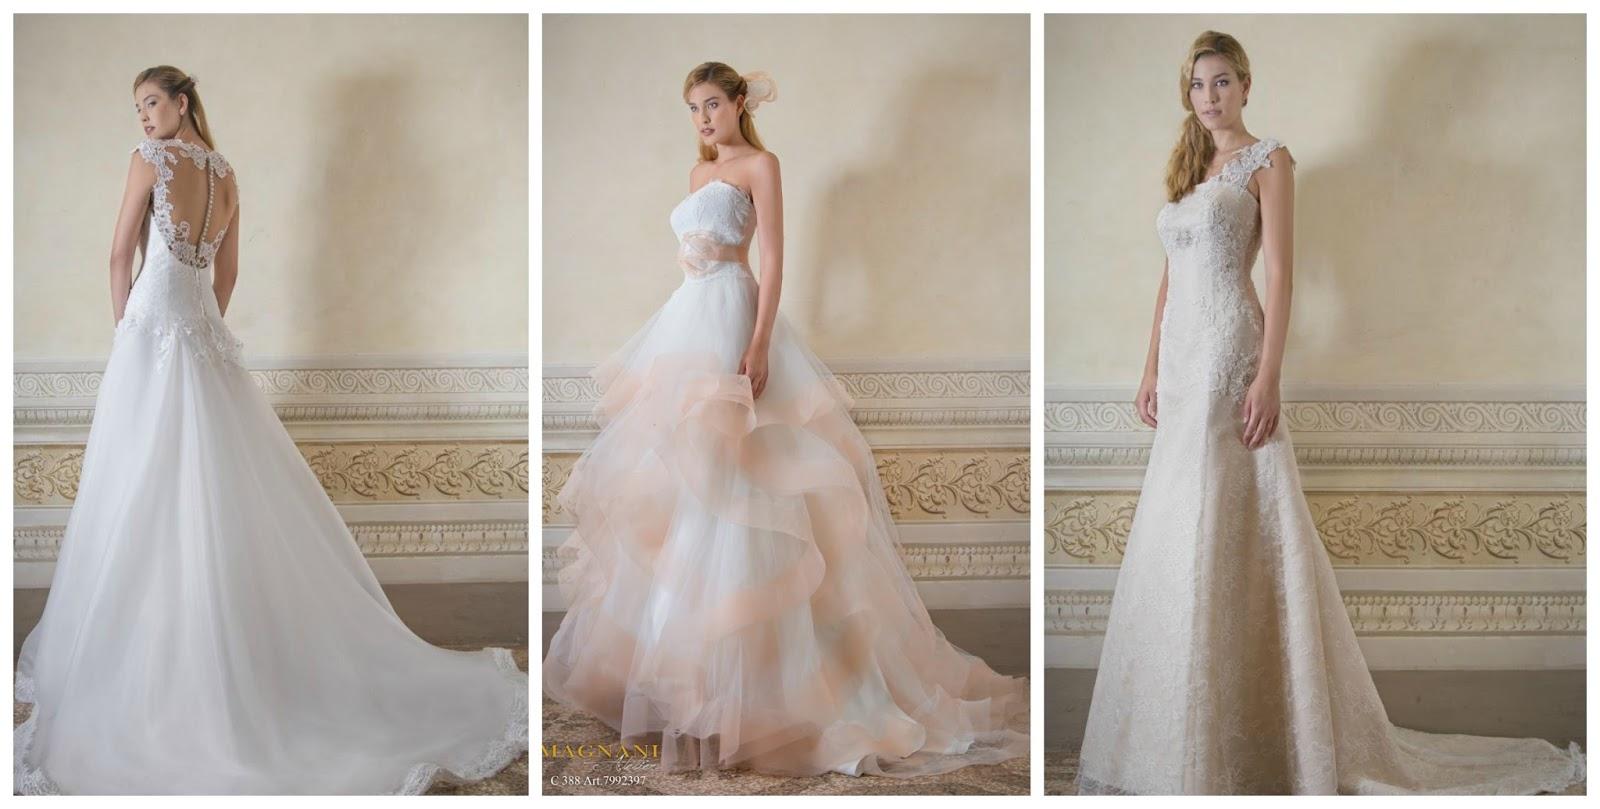 93395caab4ce Sposine - Il blog della Sposa  Gli abiti da sposa Magnani Sposa ...